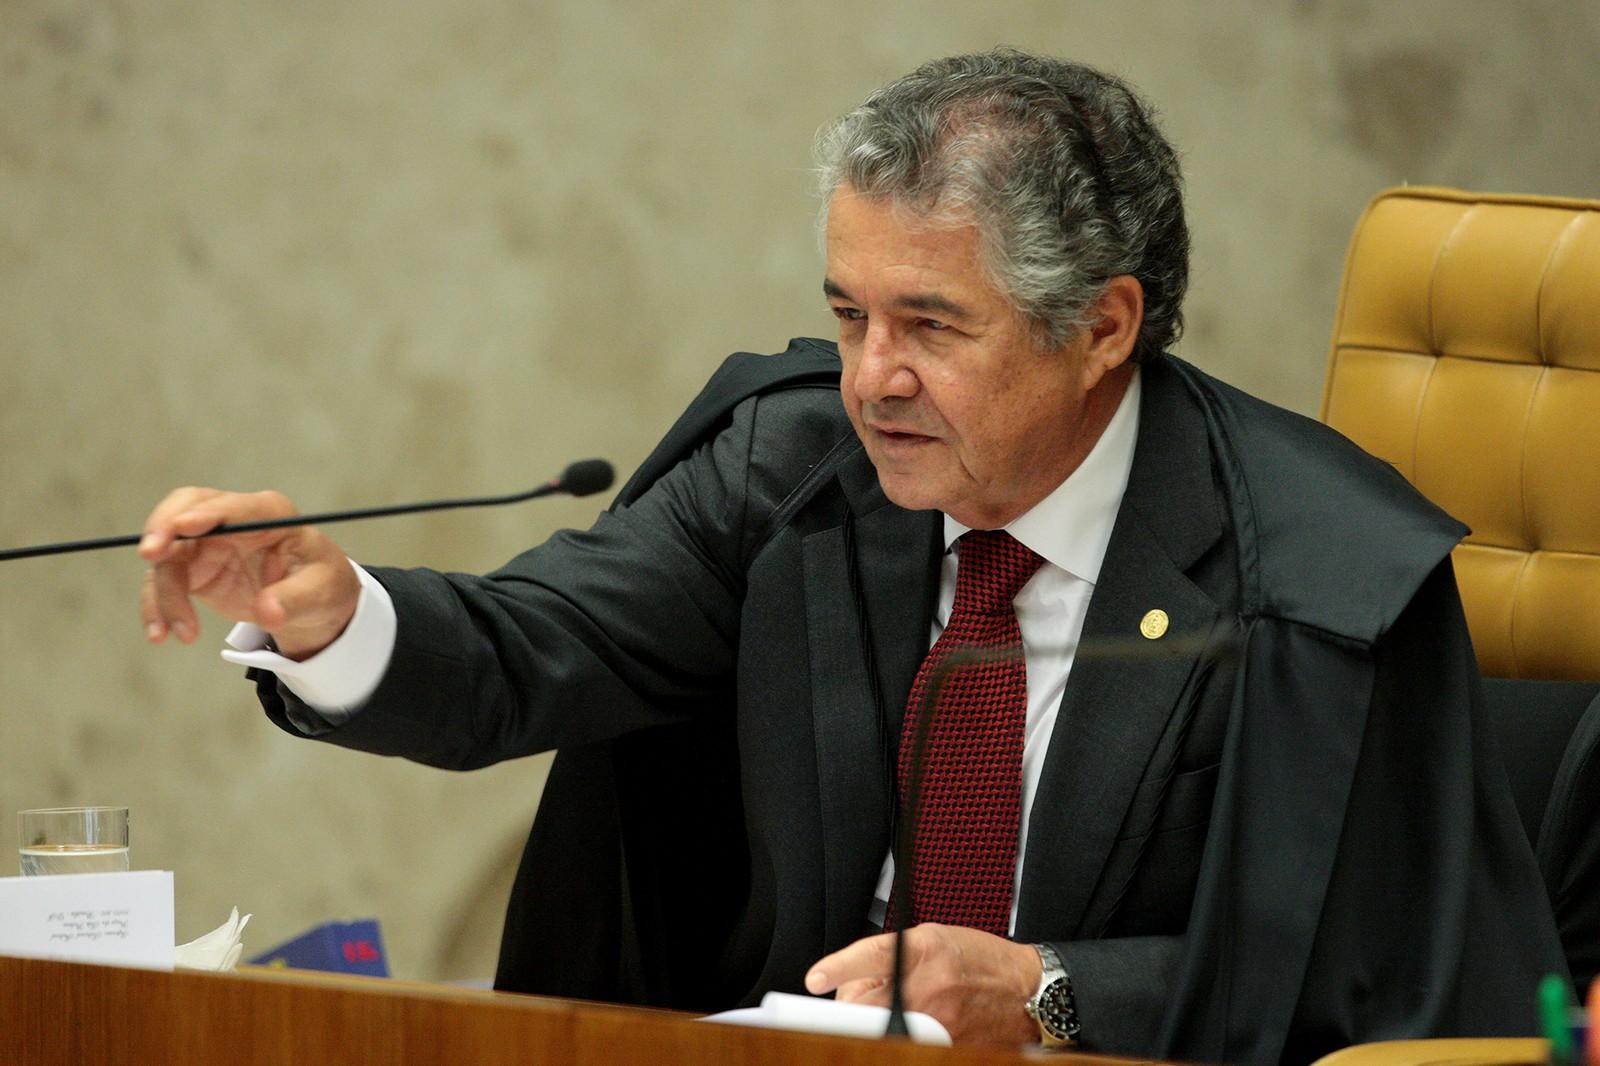 Ministro Marco Aurélio Mello, do Supremo Tribunal Federal.